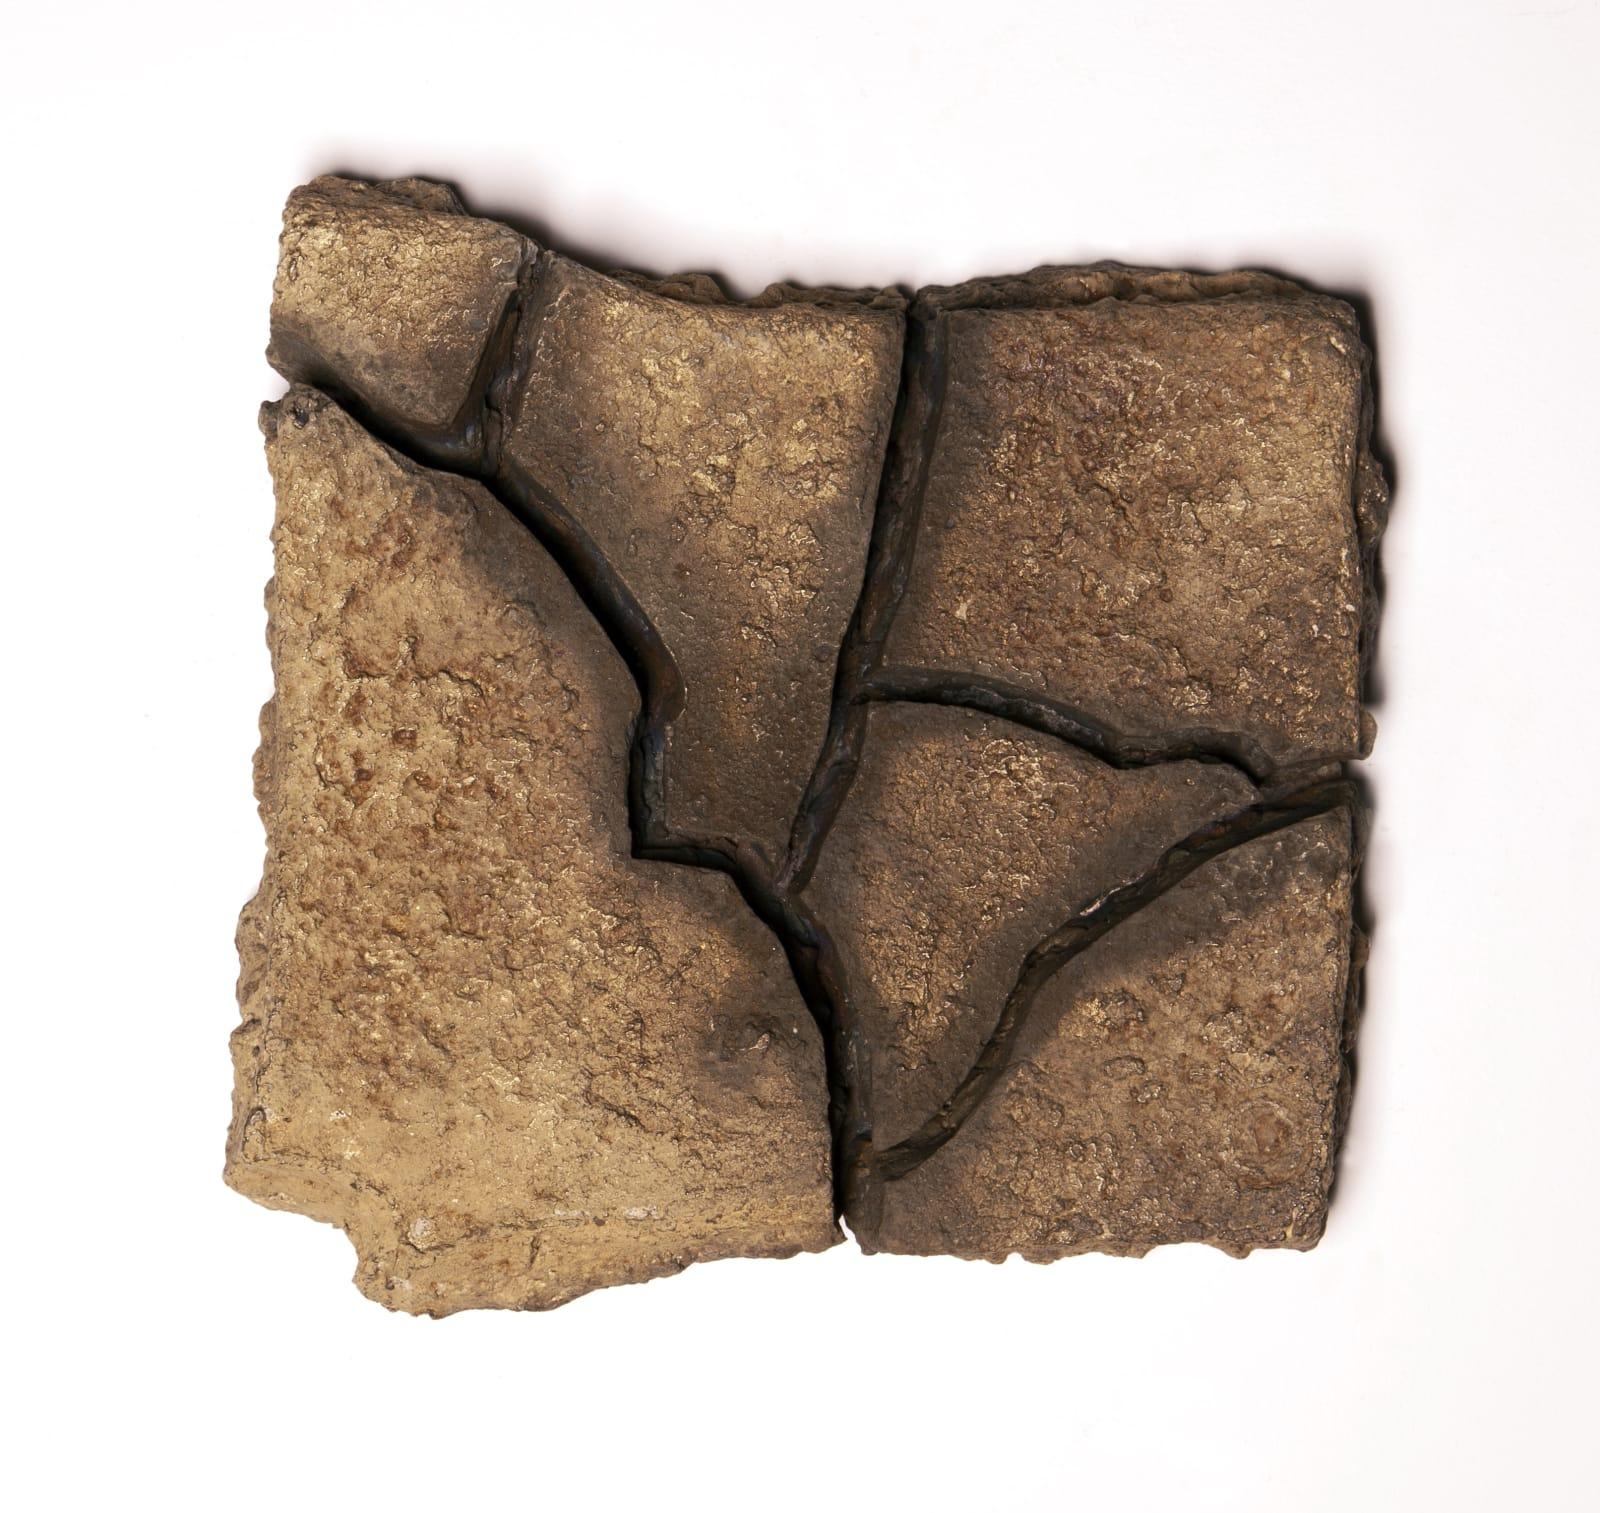 Ella Littwitz Facts on the Ground, 2020 Bronze 21 x 20 x 5 cm 8 1/4 x 7 7/8 x 2 in